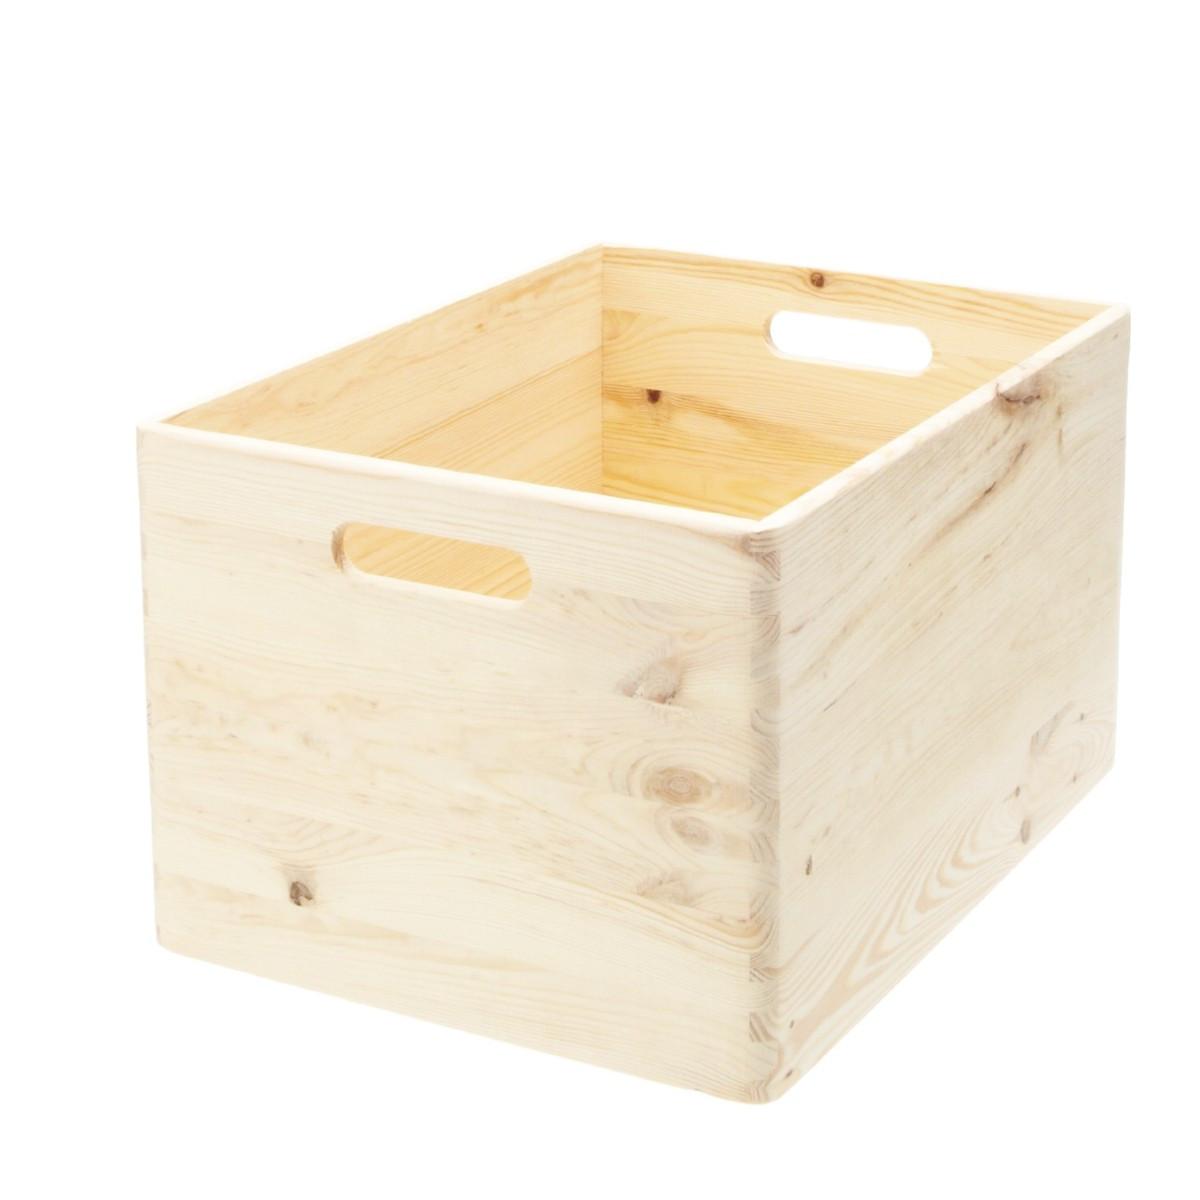 Cagette en bois massif  Empilable